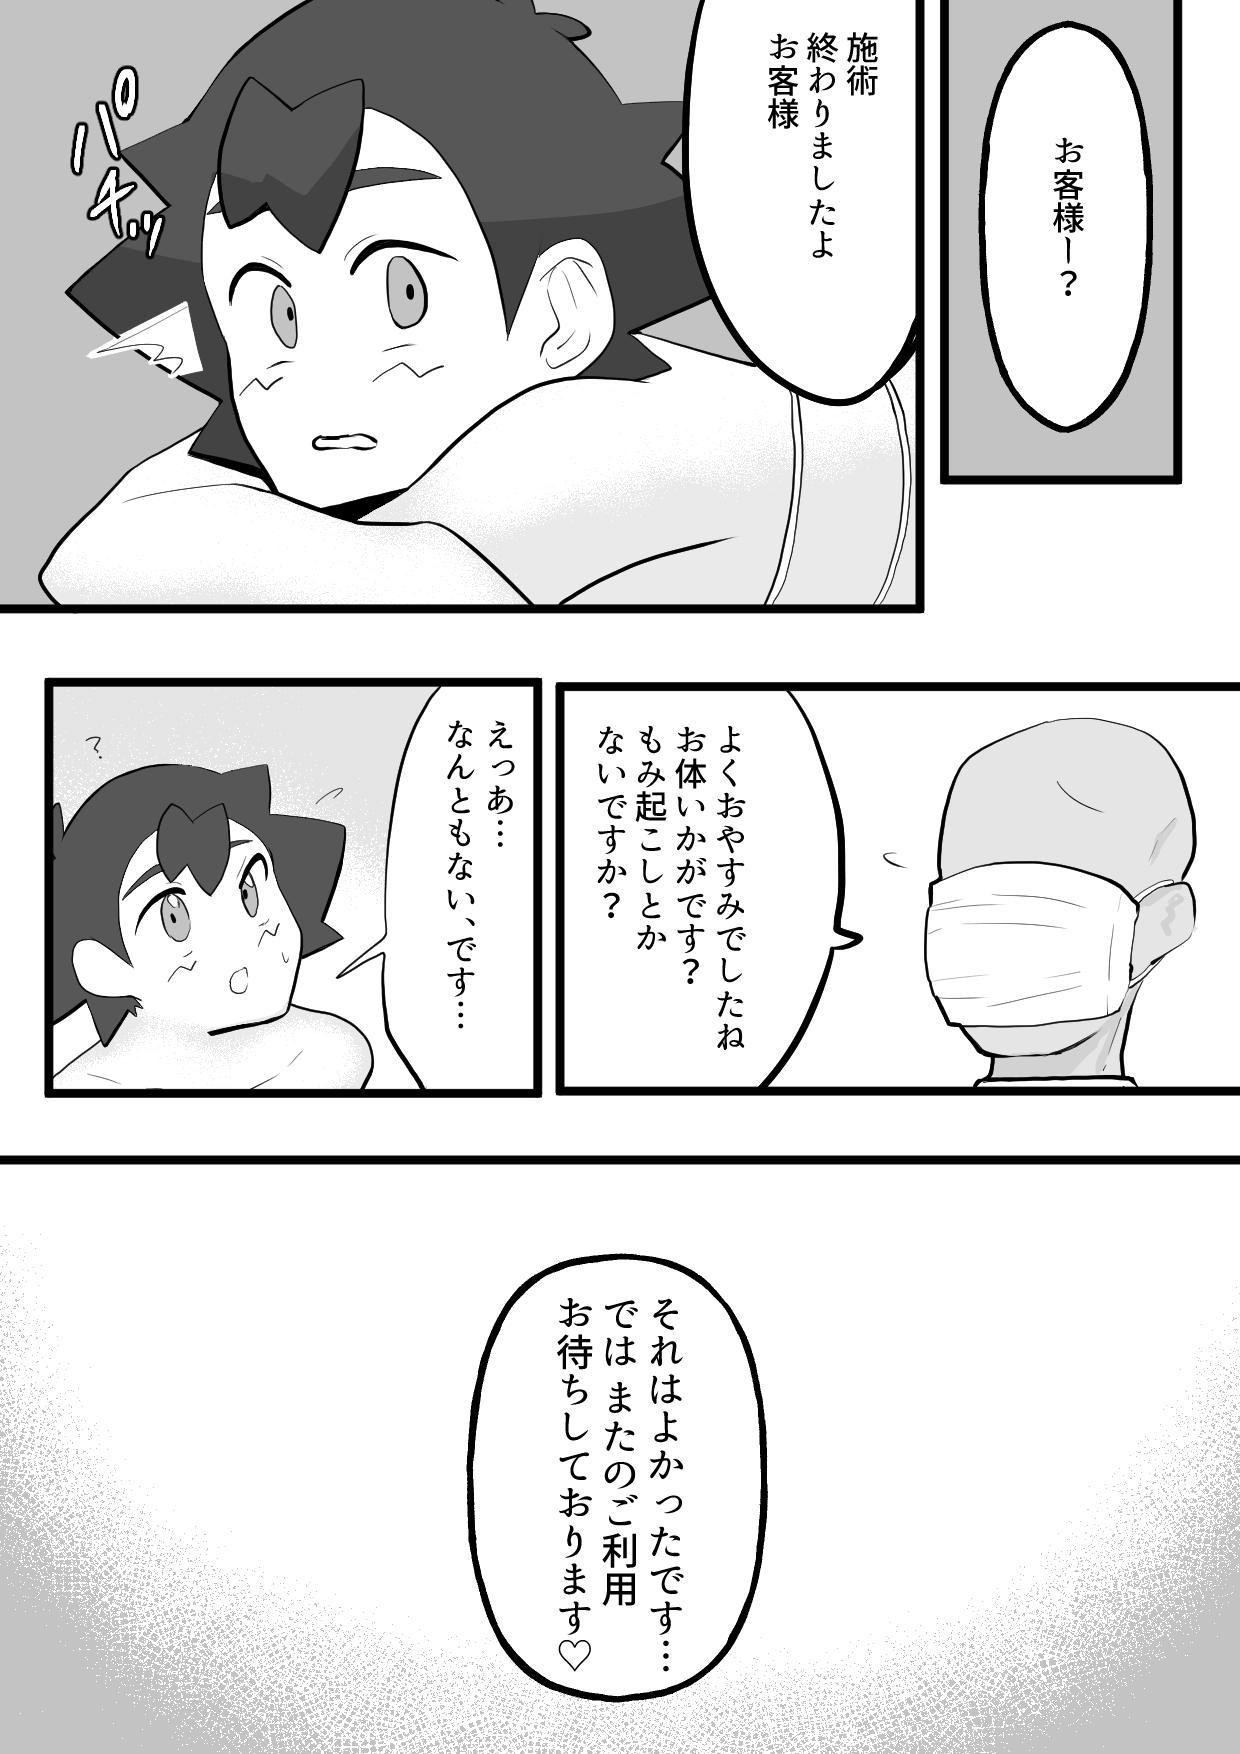 Satoshi-kun ga Gararu no Koukyuu Massage ni Iku Hanashi 18